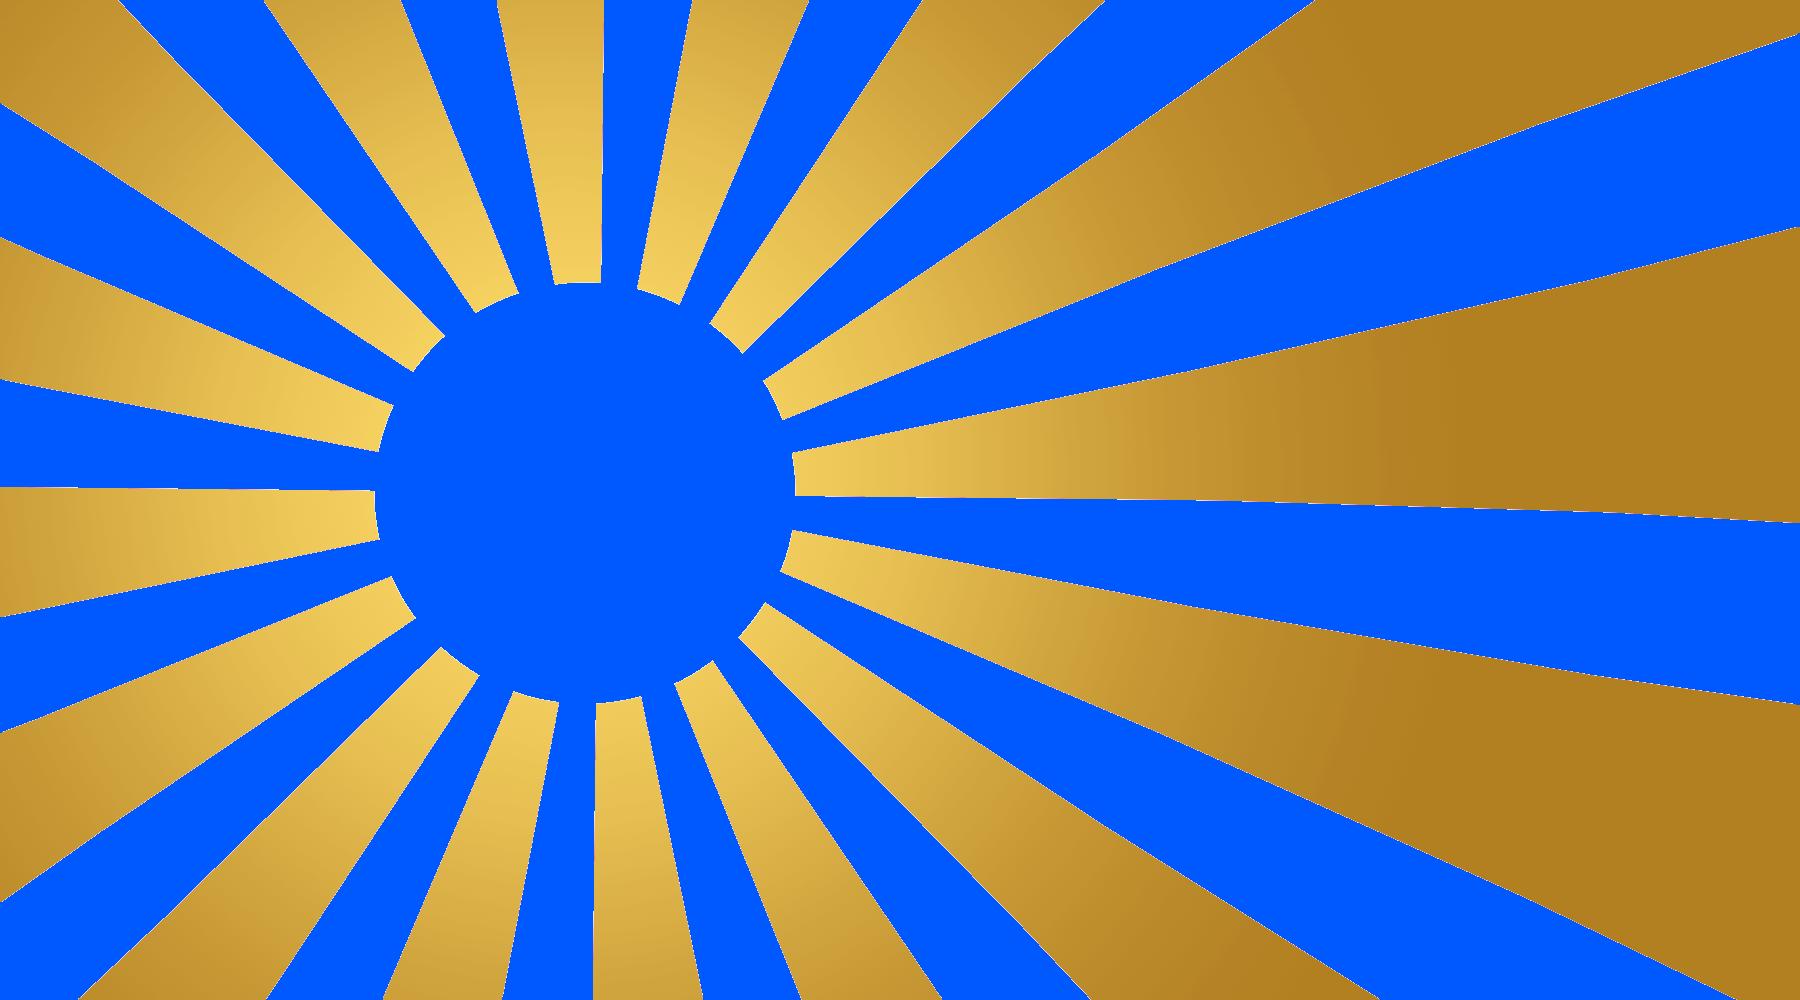 青色・金背景の旭日旗